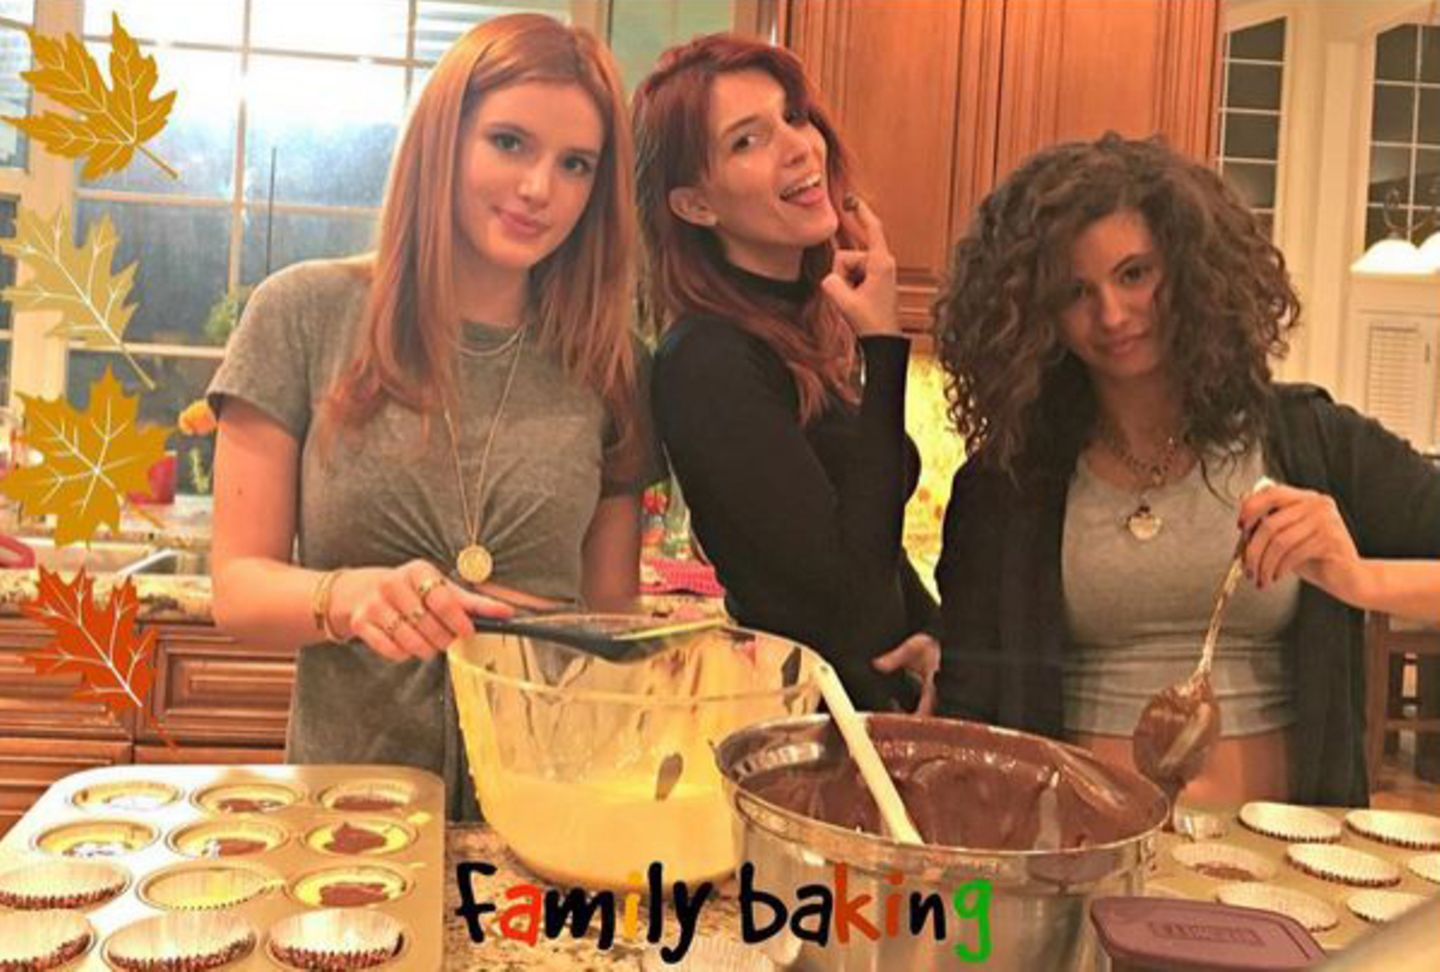 """Bei Bella Thorne beginnt mit Thanksgiving die Back-Saison. Beim """"Family Baking"""" tobt sie sich an Muffinförmchen, Schokoteig und Rührer aus."""